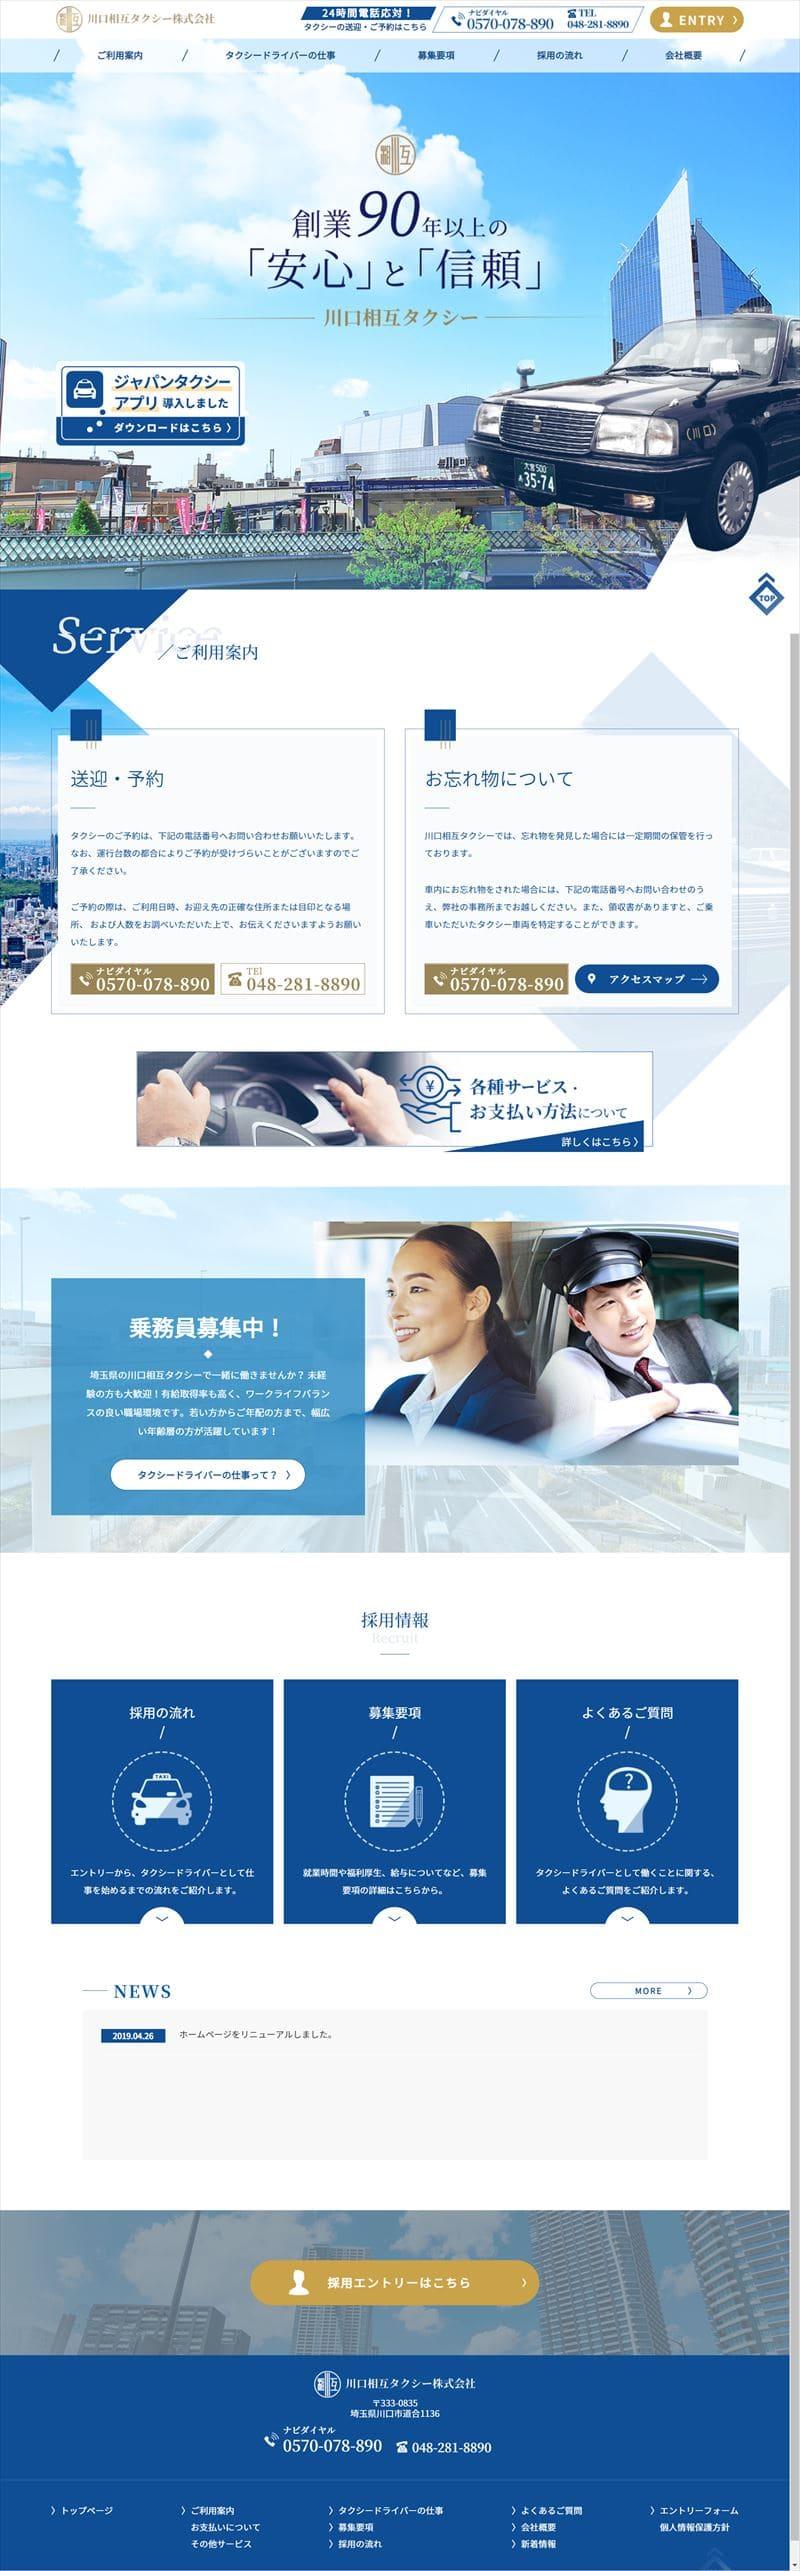 川口相互タクシー株式会社